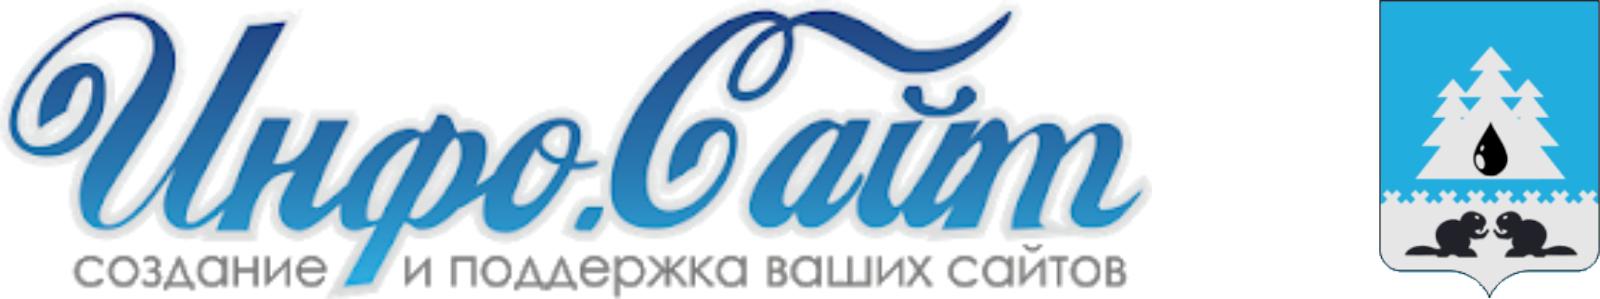 Советский 🌍 Новости : Информационный агрегатор Инфо-Сайт